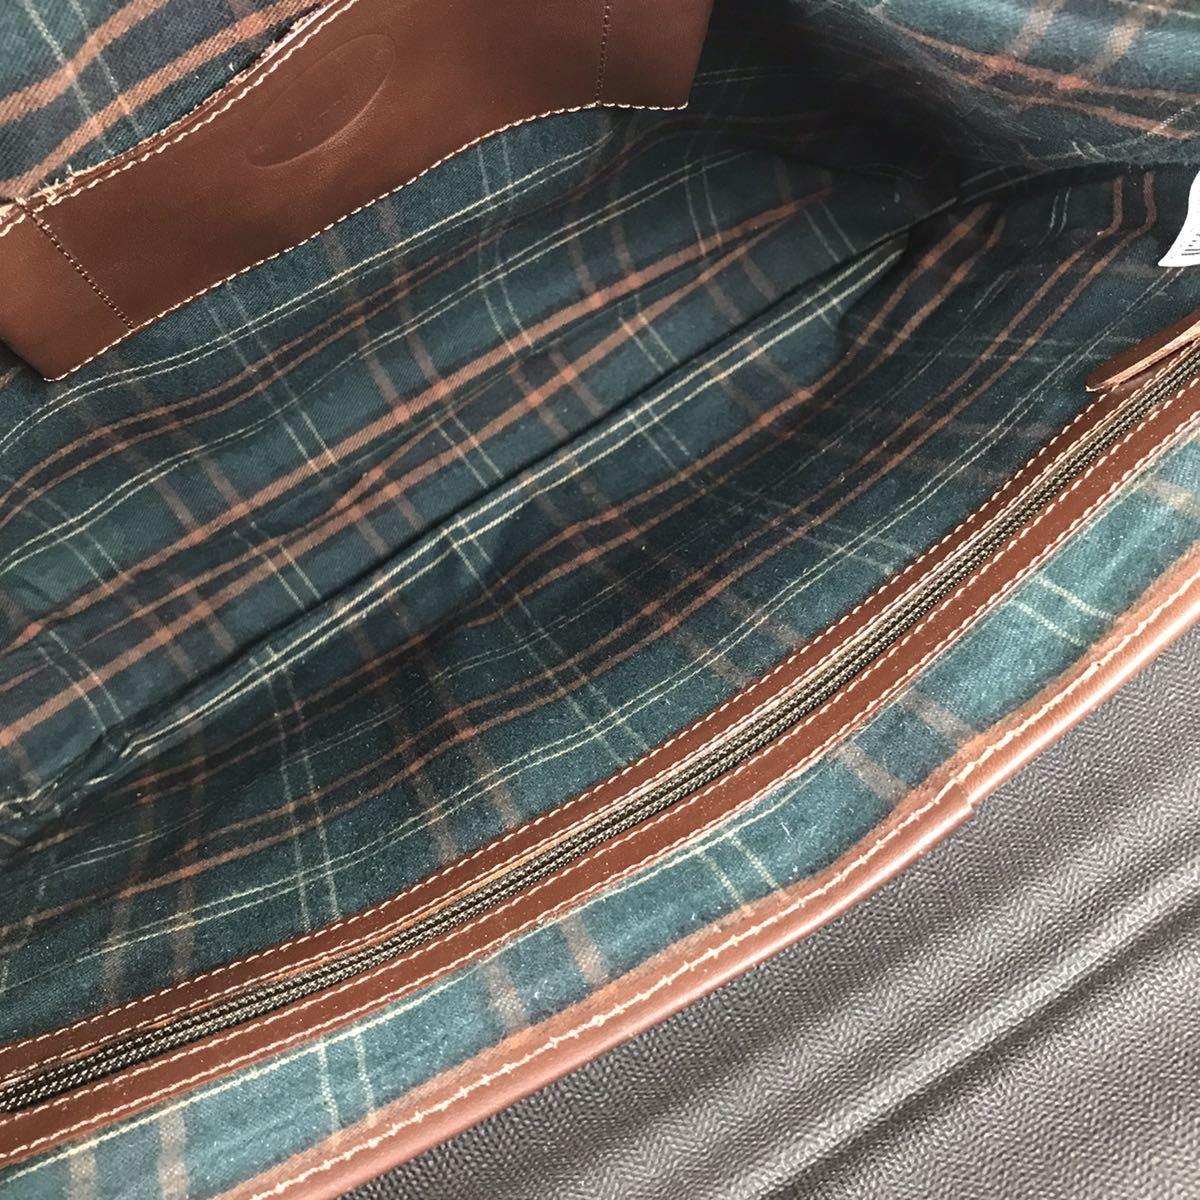 【ダンヒル】本物 dunhill ビジネスバッグ 2way ショルダーバッグ 鍵付 ブリーフケース 書類かばん レザー×PVC 男性用 メンズ イタリア製_画像8